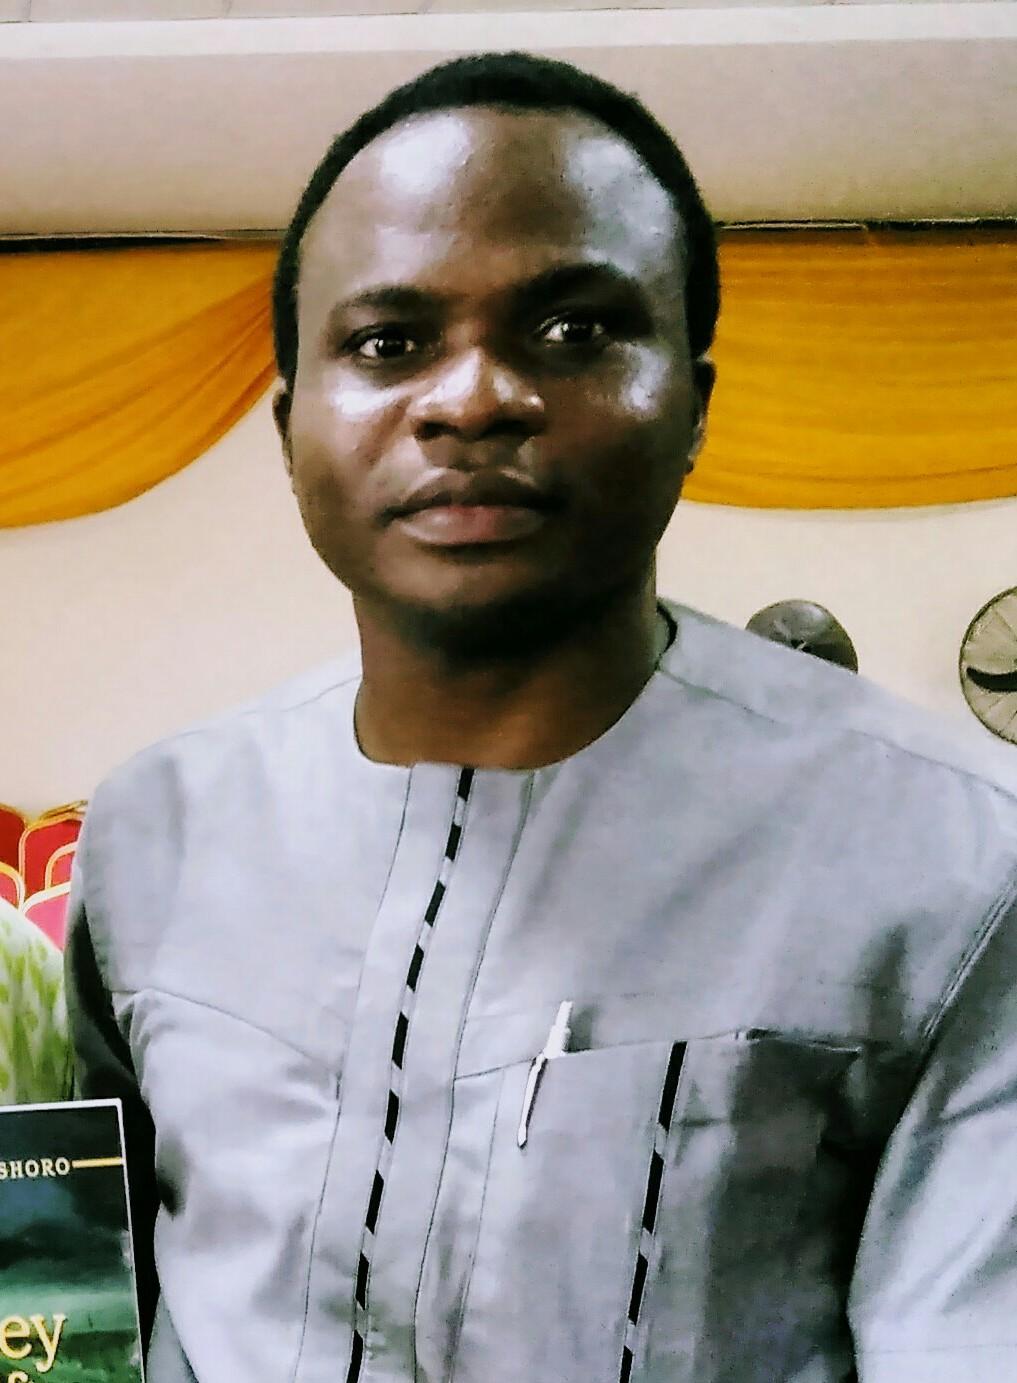 Adeshola Kukoyi